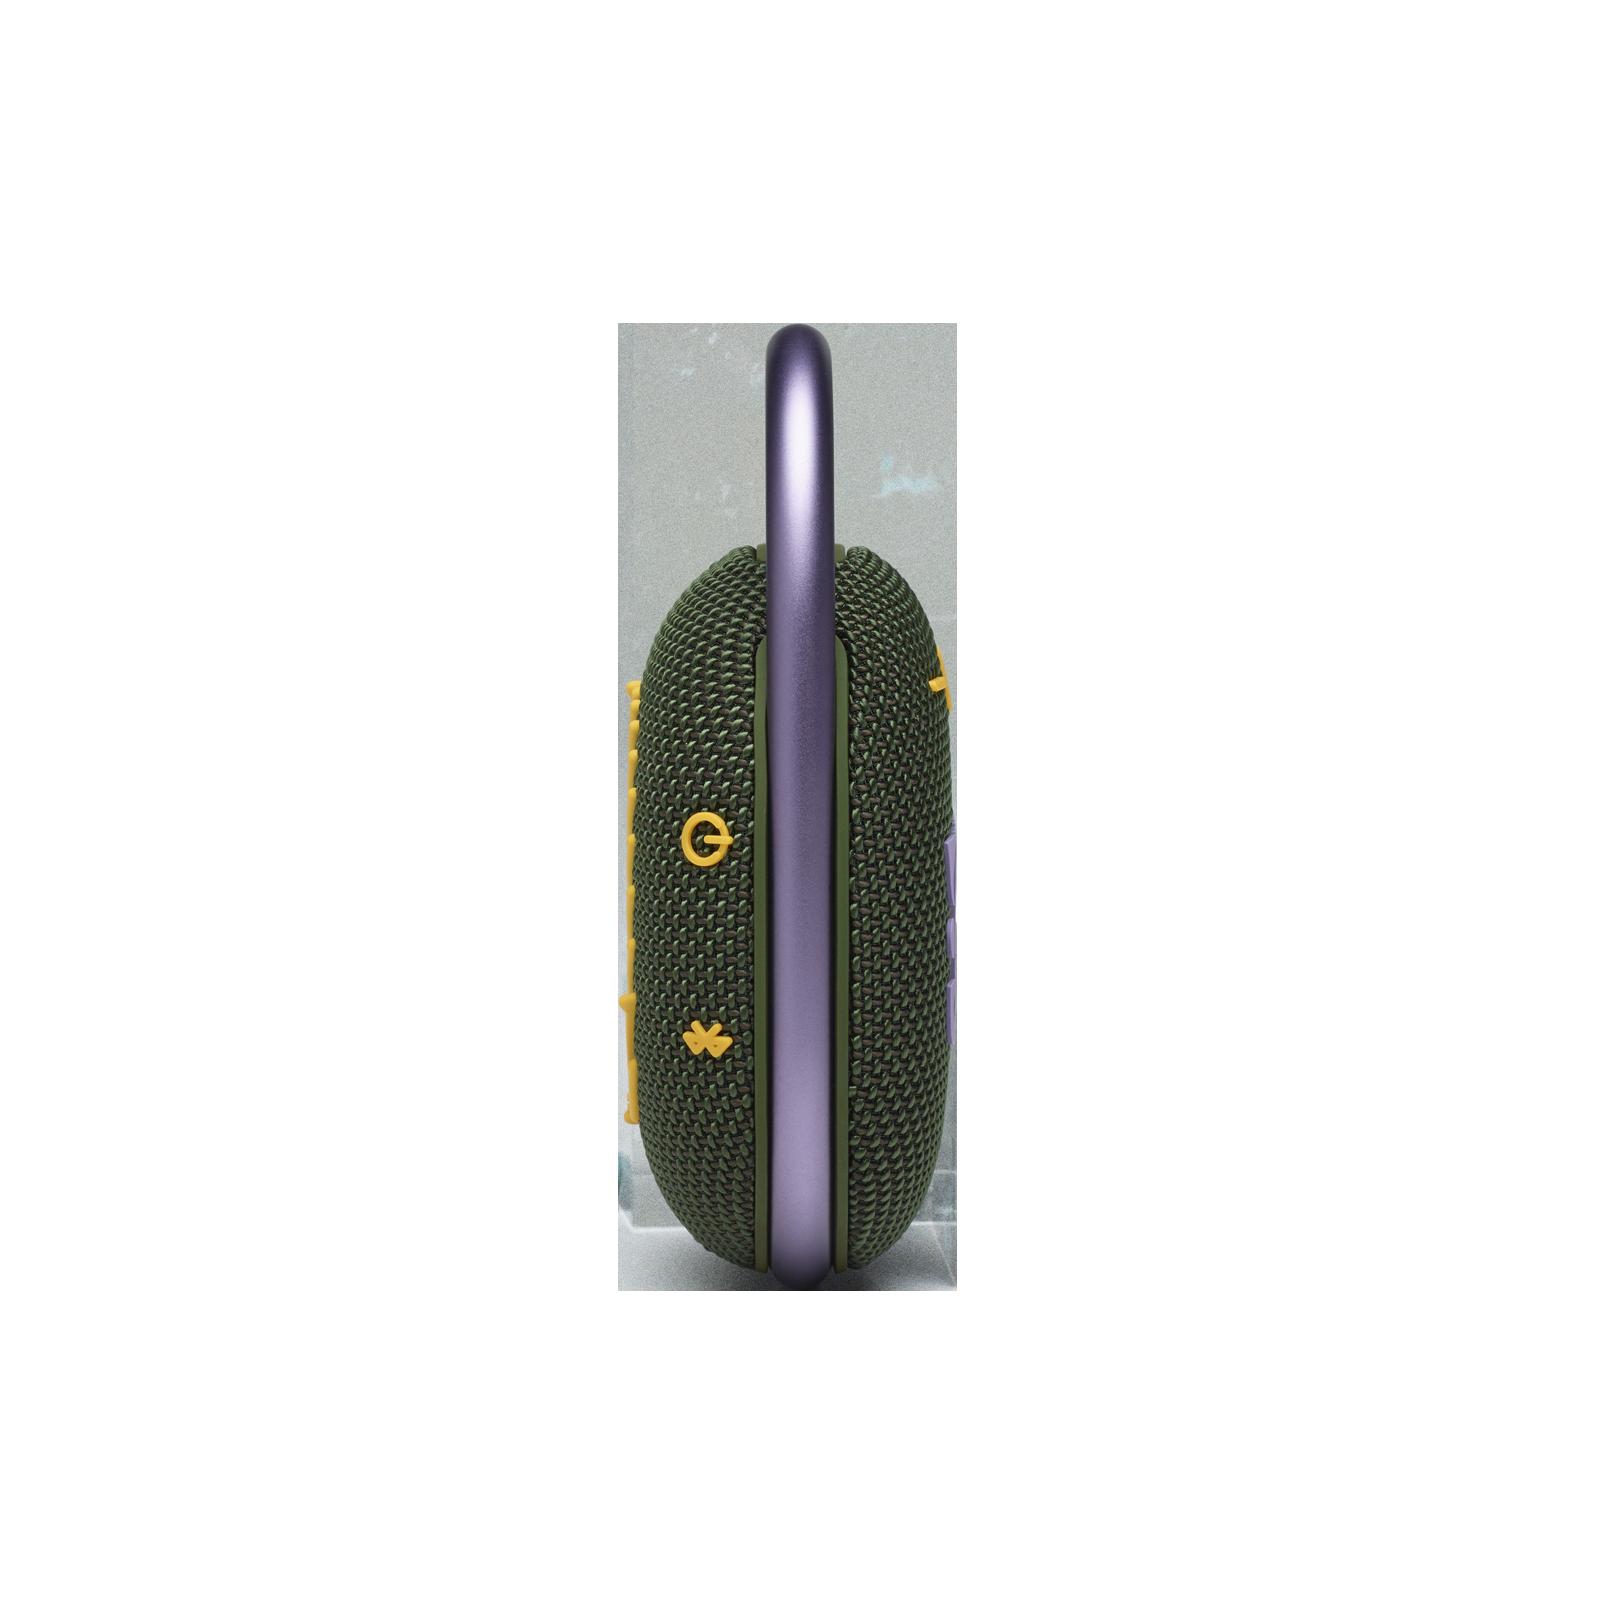 JBL CLIP 4 - Green - Ultra-portable Waterproof Speaker - Left